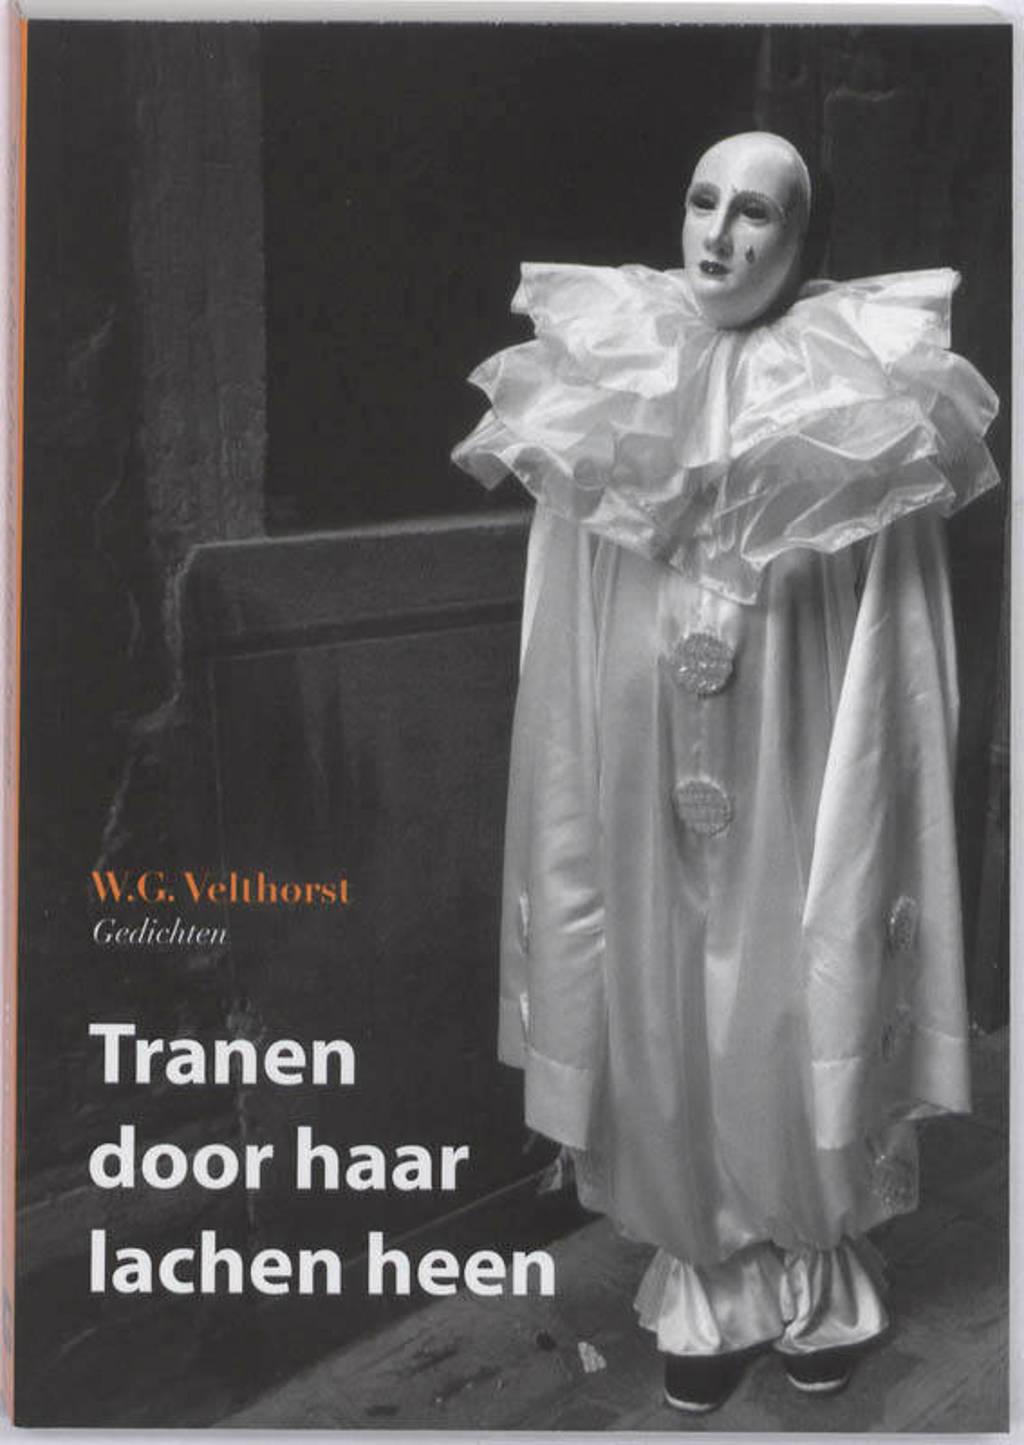 Tranen door haar lachen heen - W.G. Velthorst